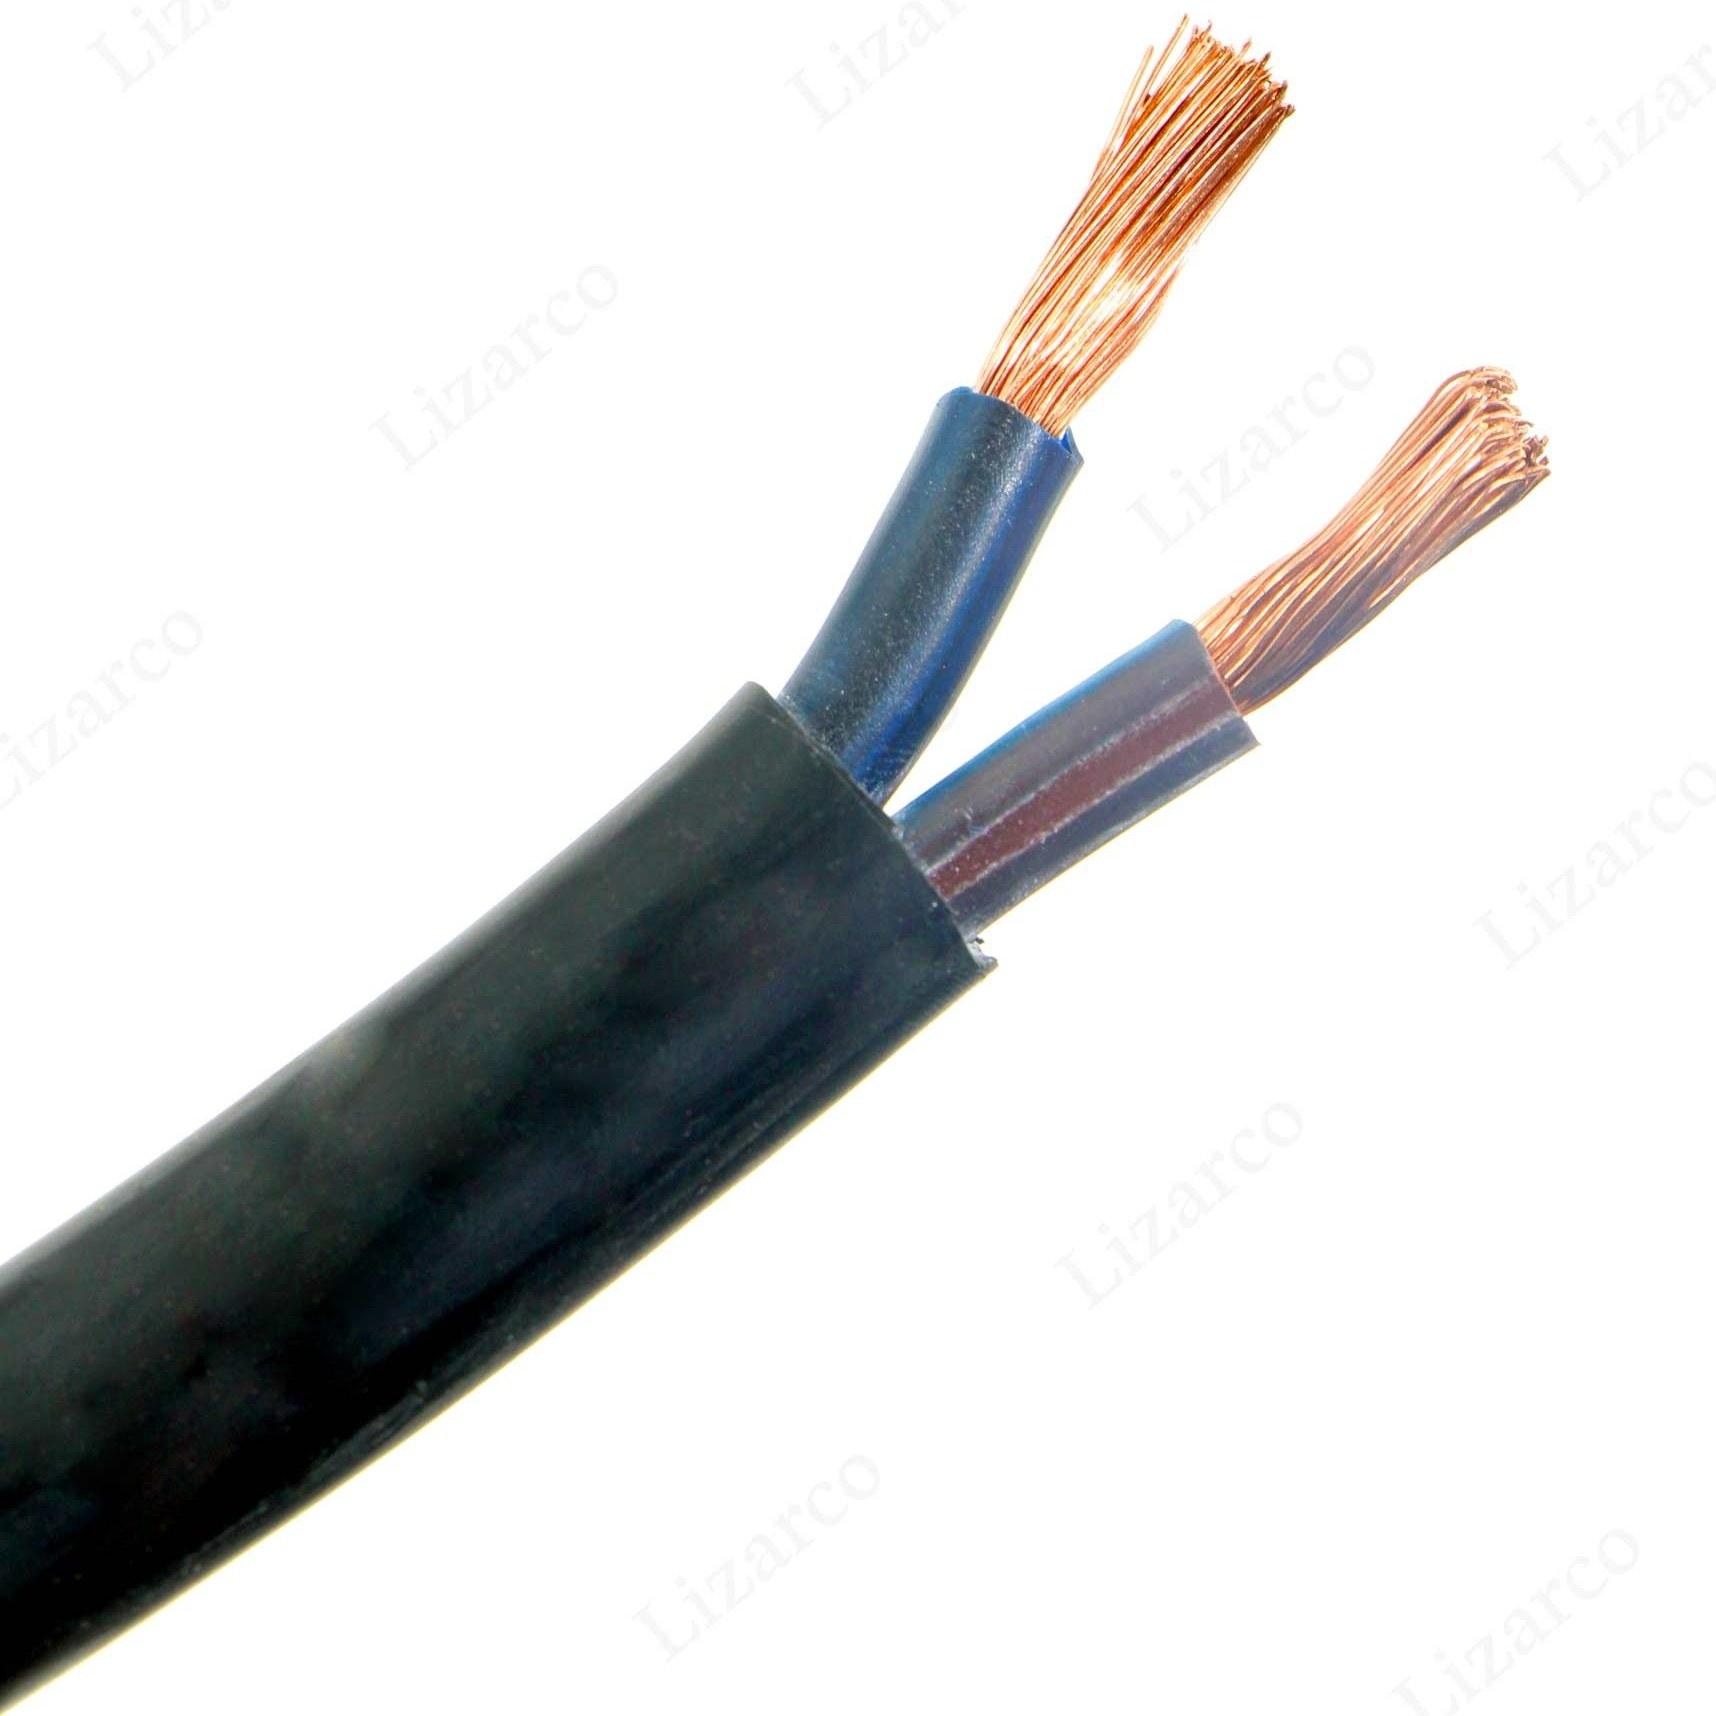 تصویر کابل برق افشان 10×2 - البرز ابهر